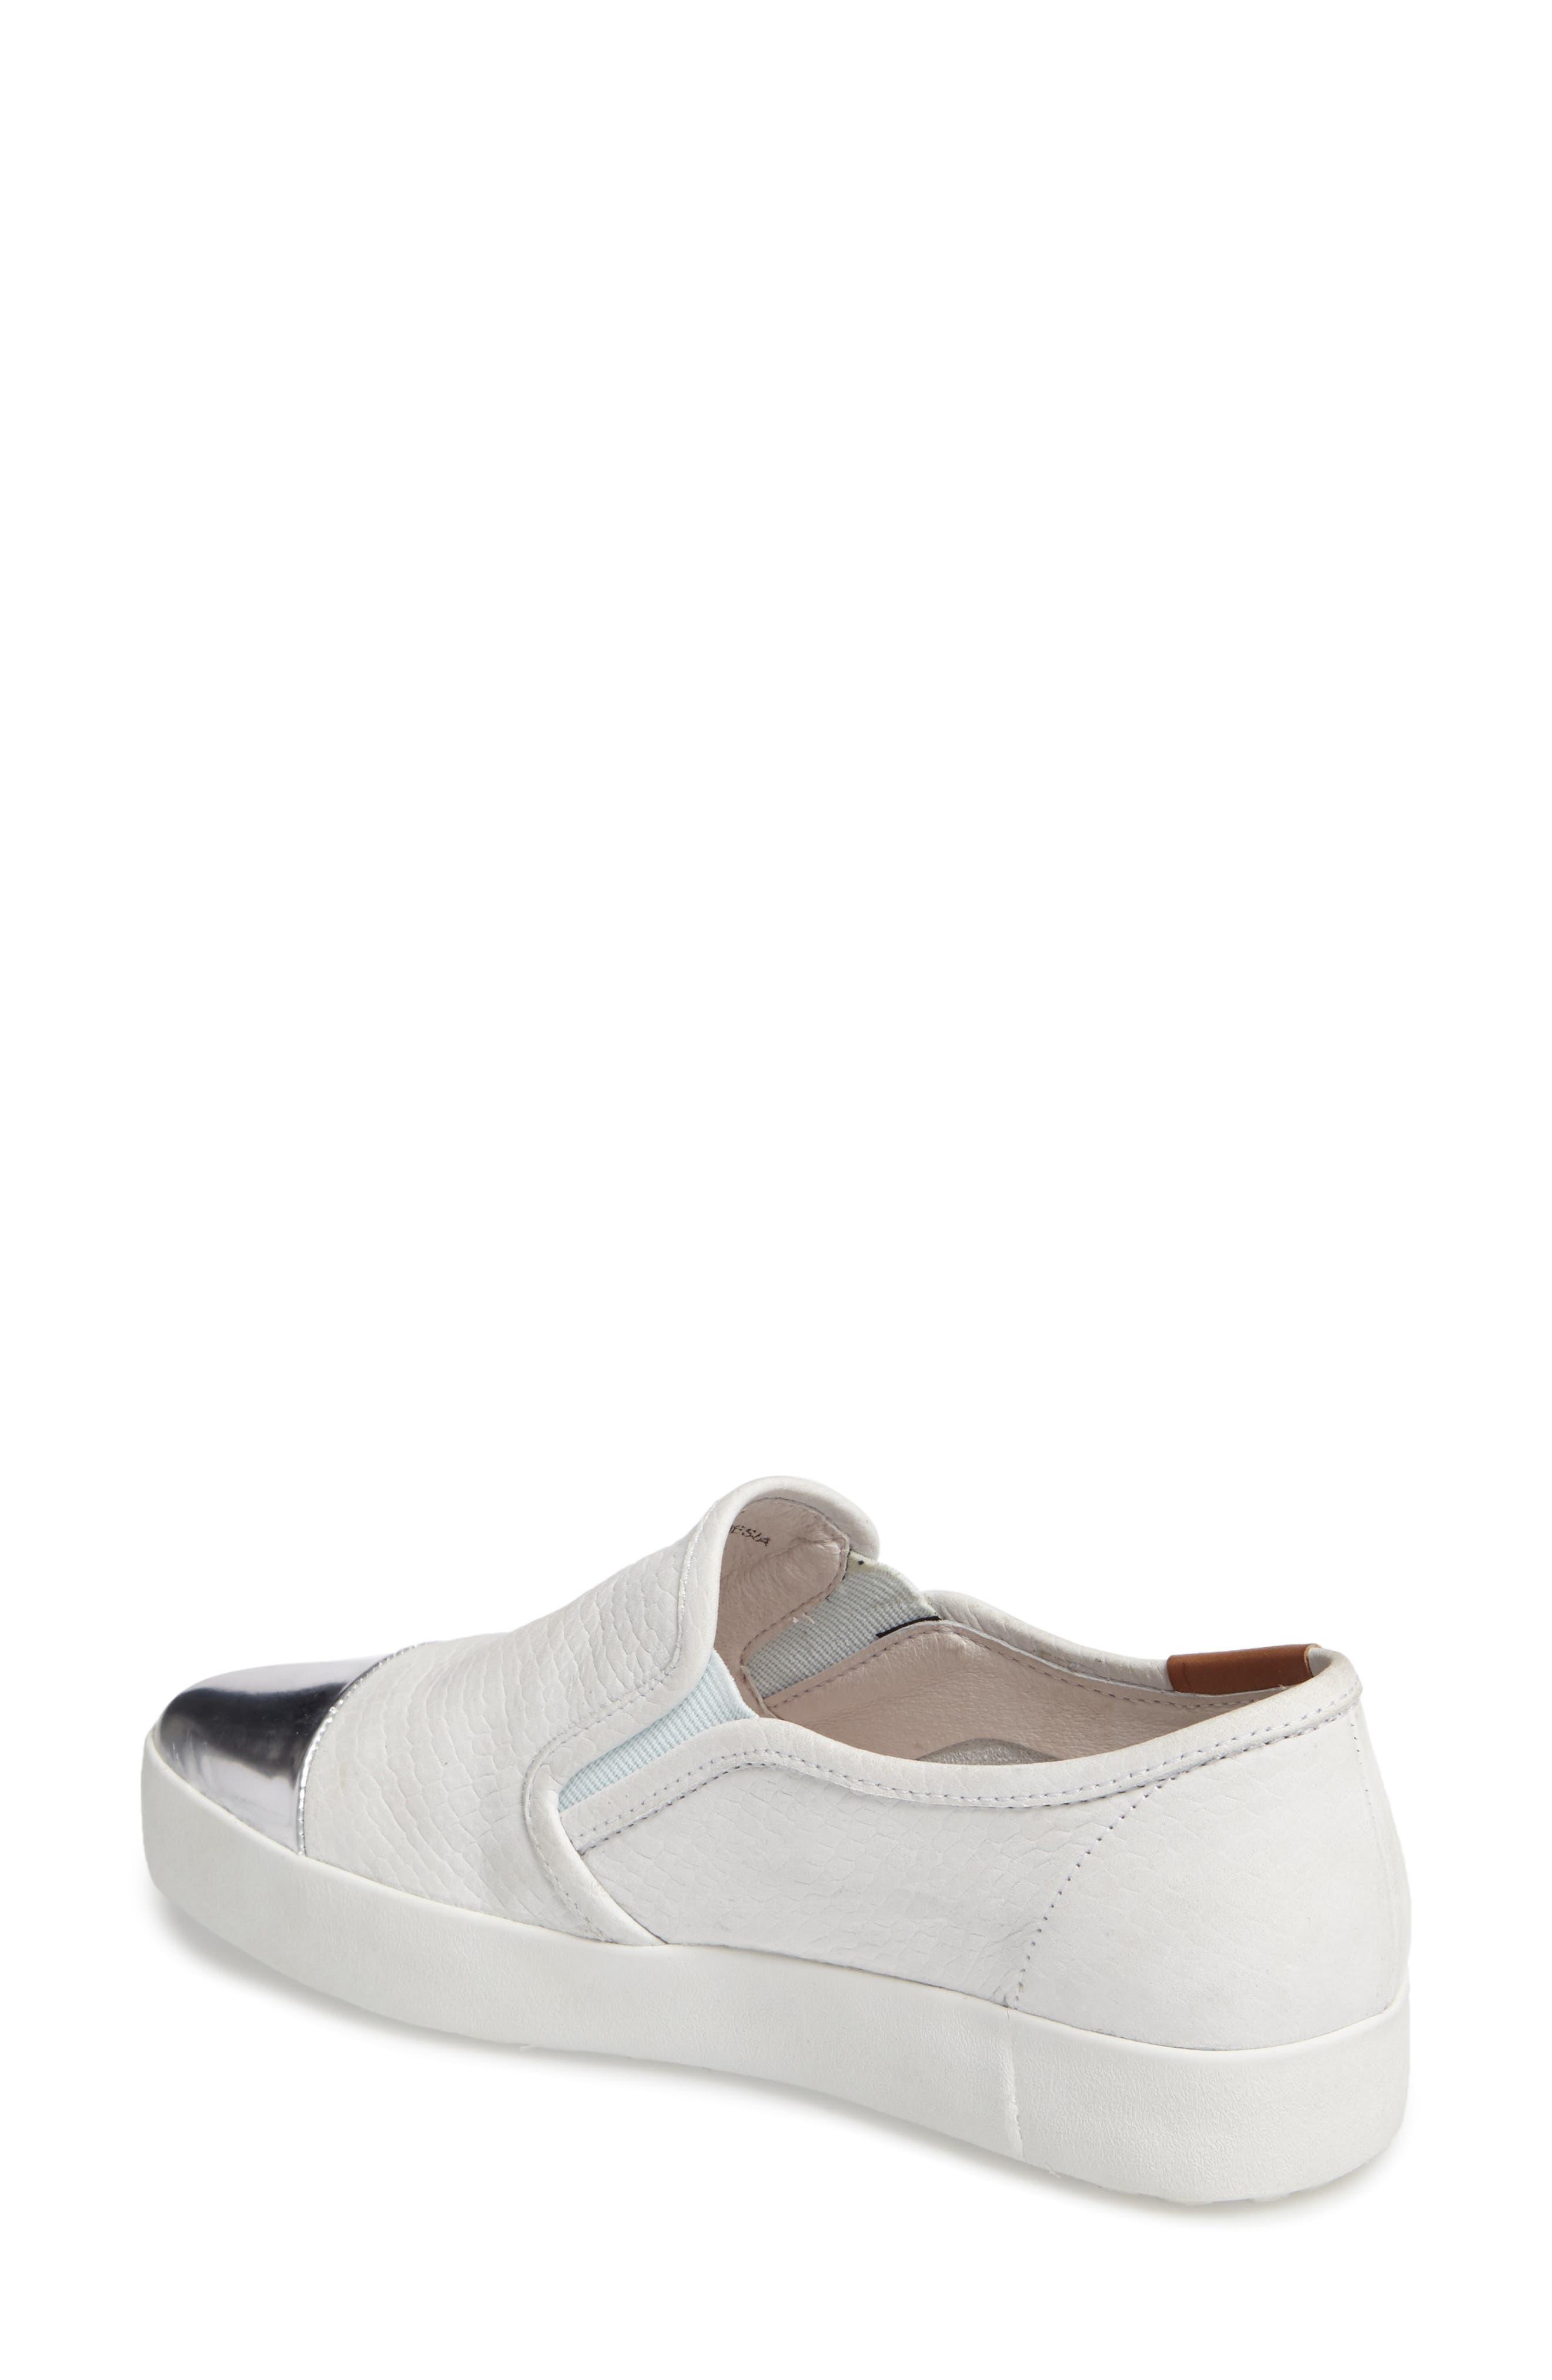 NL47 Slip-On Sneaker,                             Alternate thumbnail 2, color,                             White Nubuck